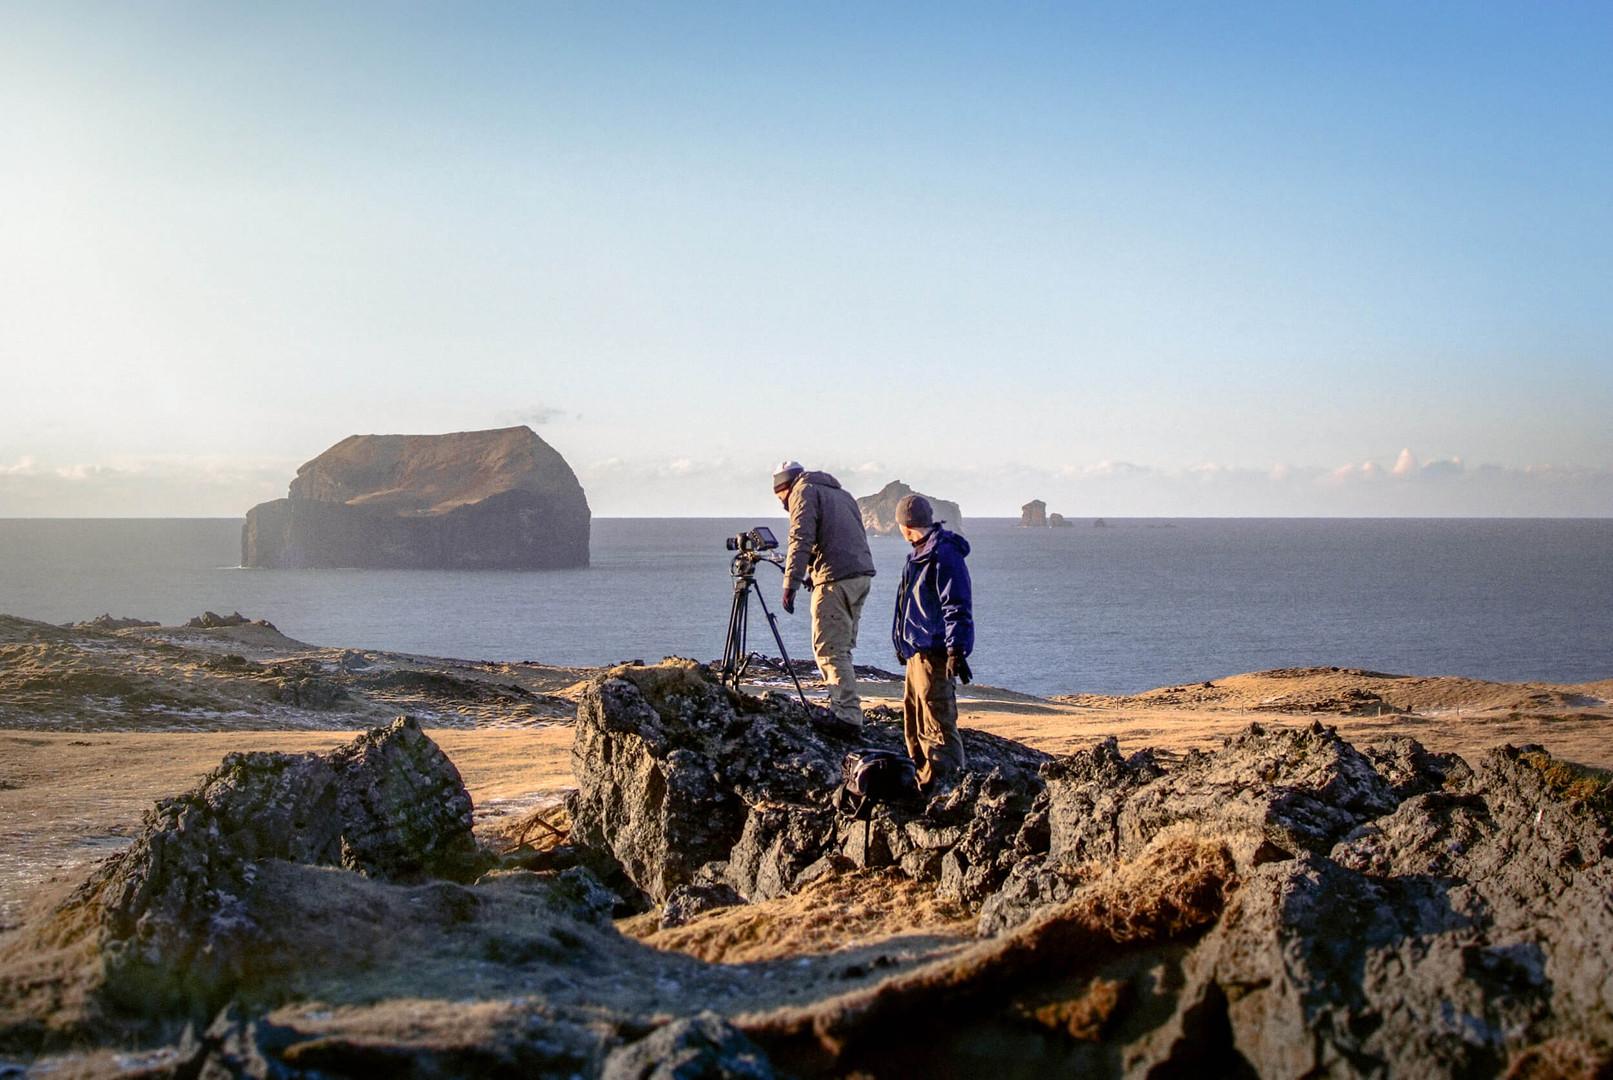 Huckleberryking Island